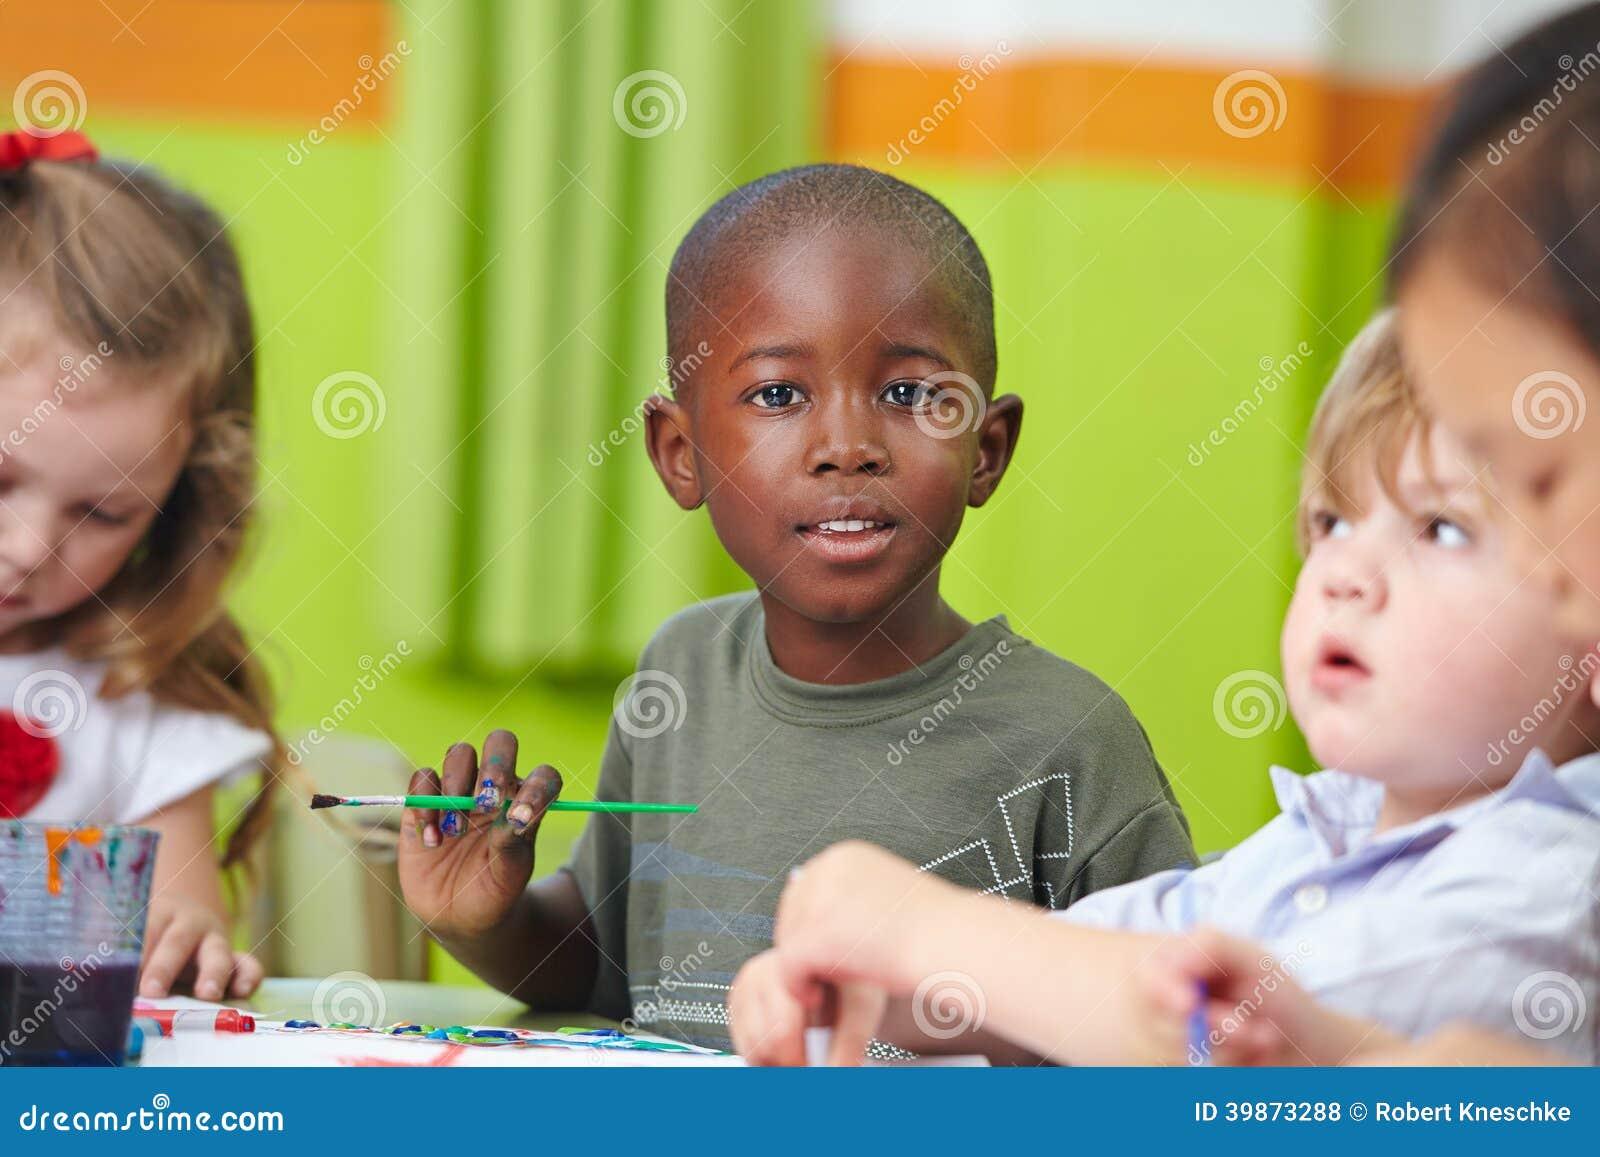 Enfants dans la peinture préscolaire